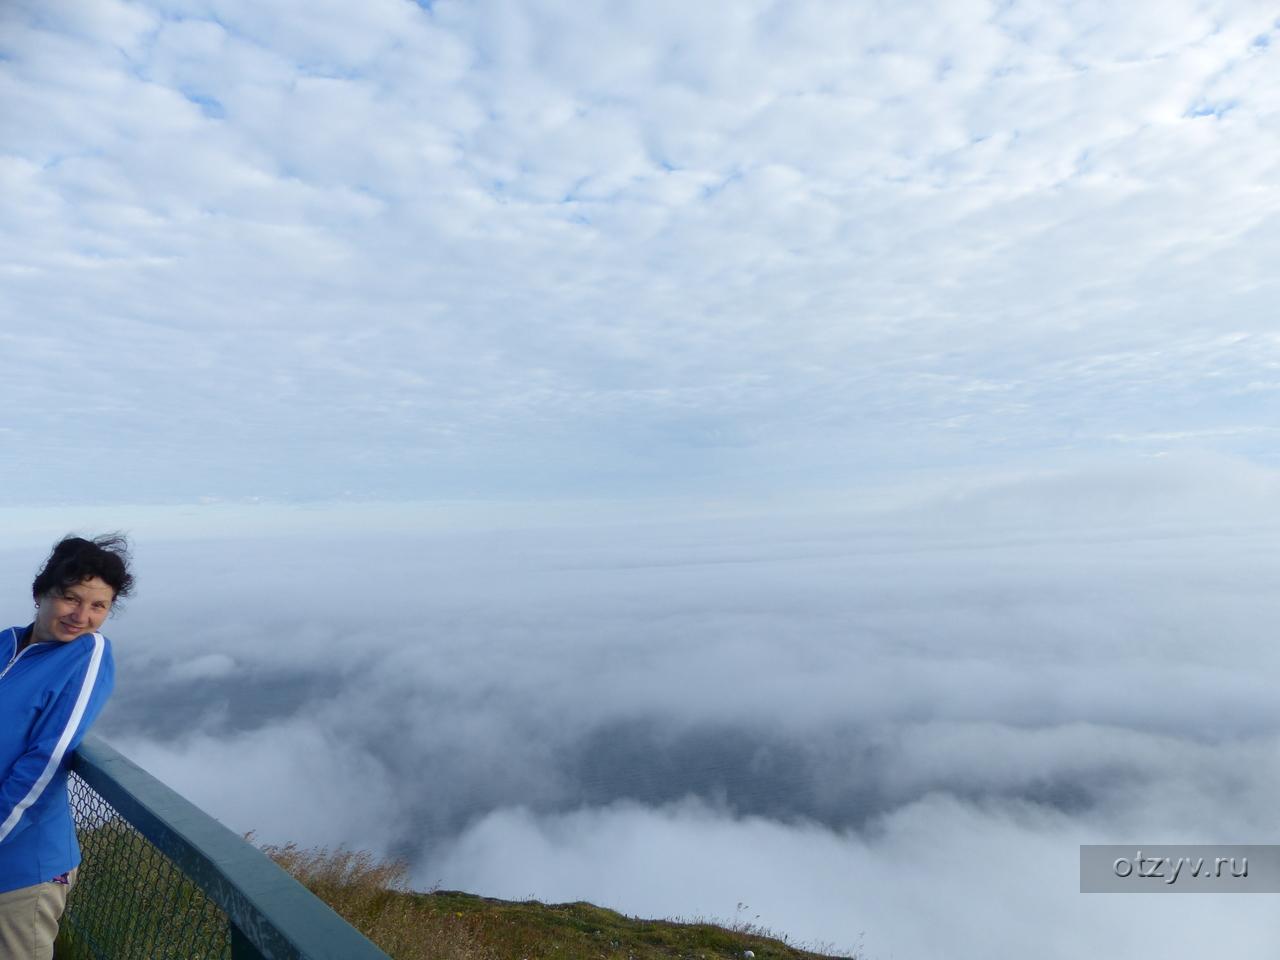 сделать фото на фоне облаков